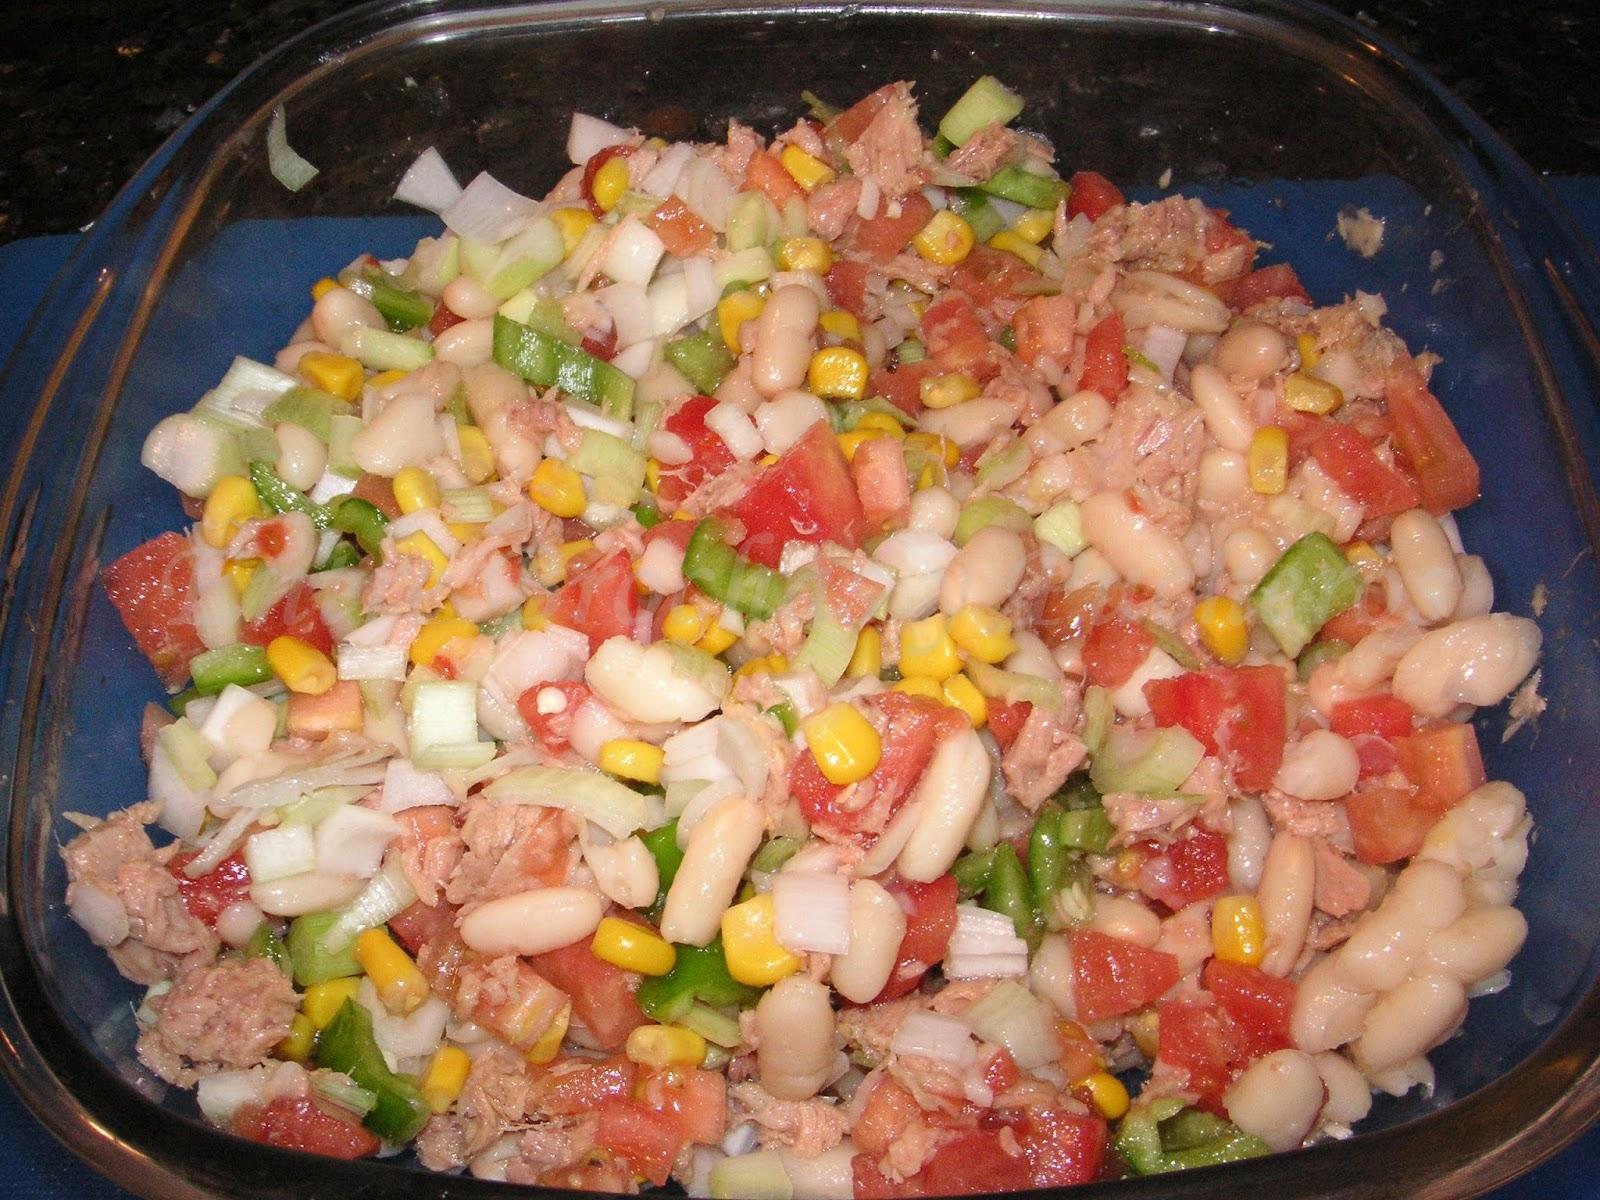 Entre brochas y pucheros ensalada de alubias - Ensalada de alubias ...